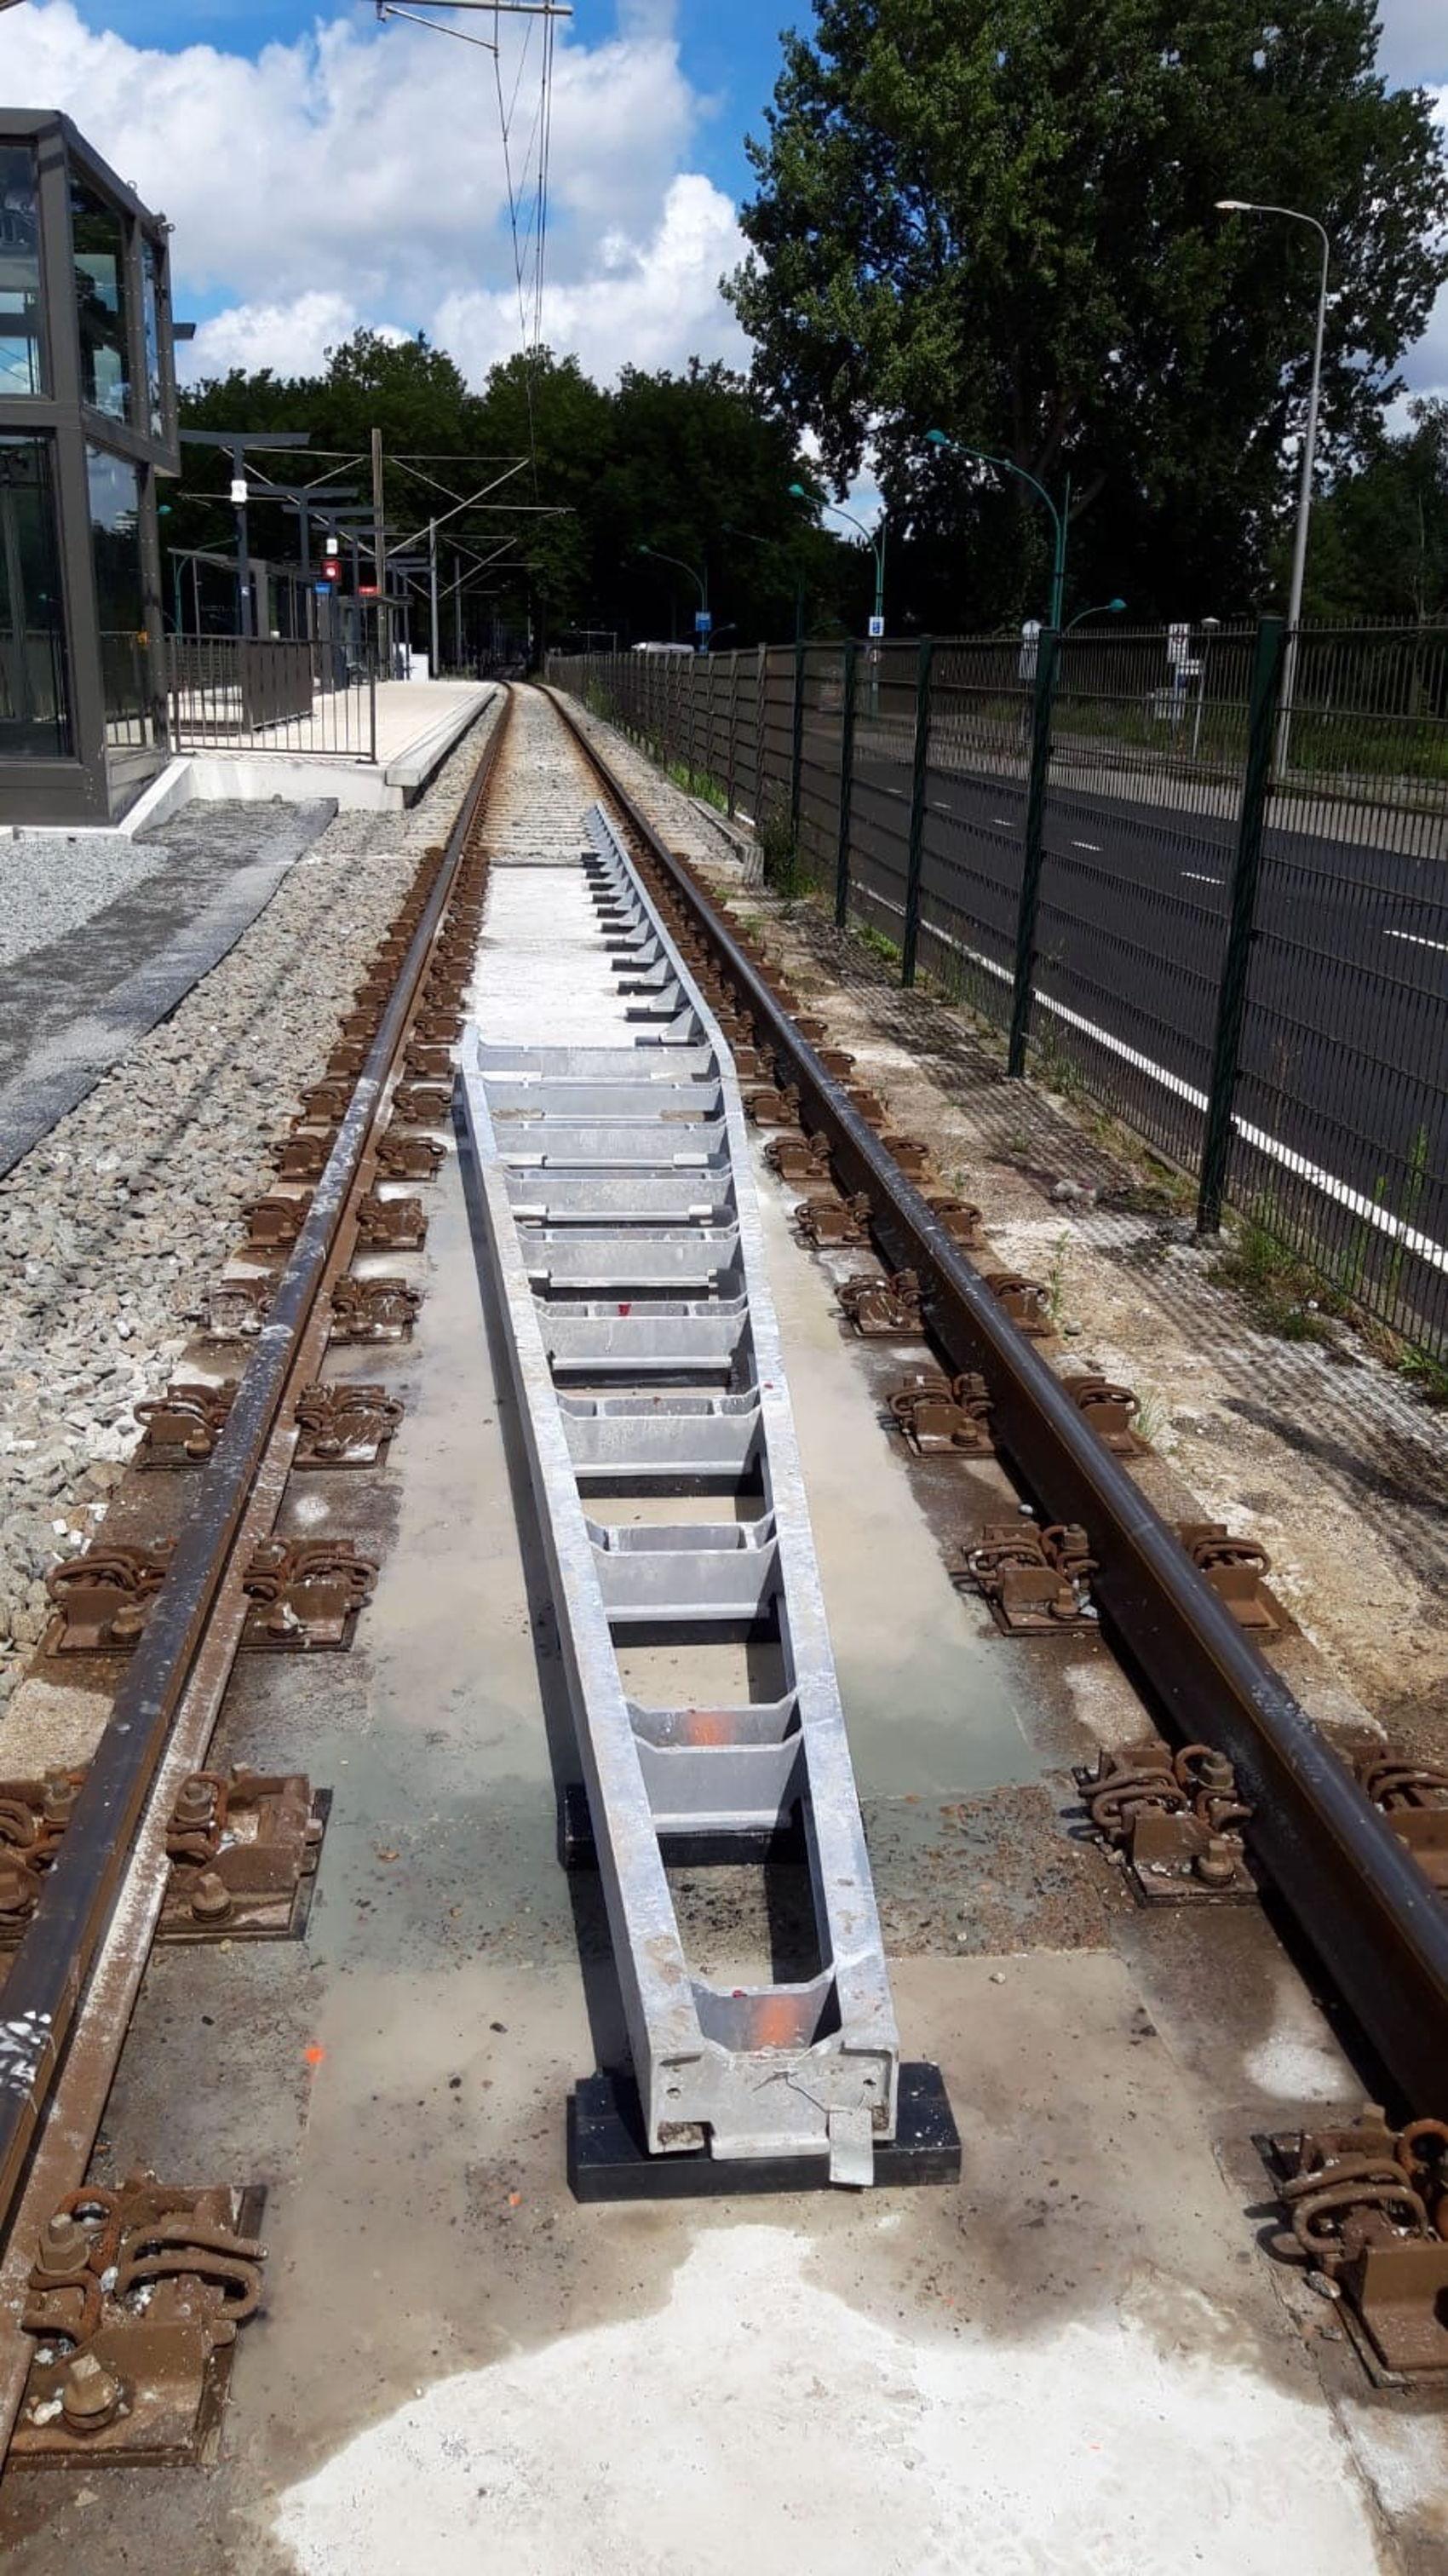 Bij halte Uilenstede is de ontsporingsgeleiding aangelegd. Die ziet er dus zo uit en is bedoeld om... een tram bij ontsporing te geleiden.